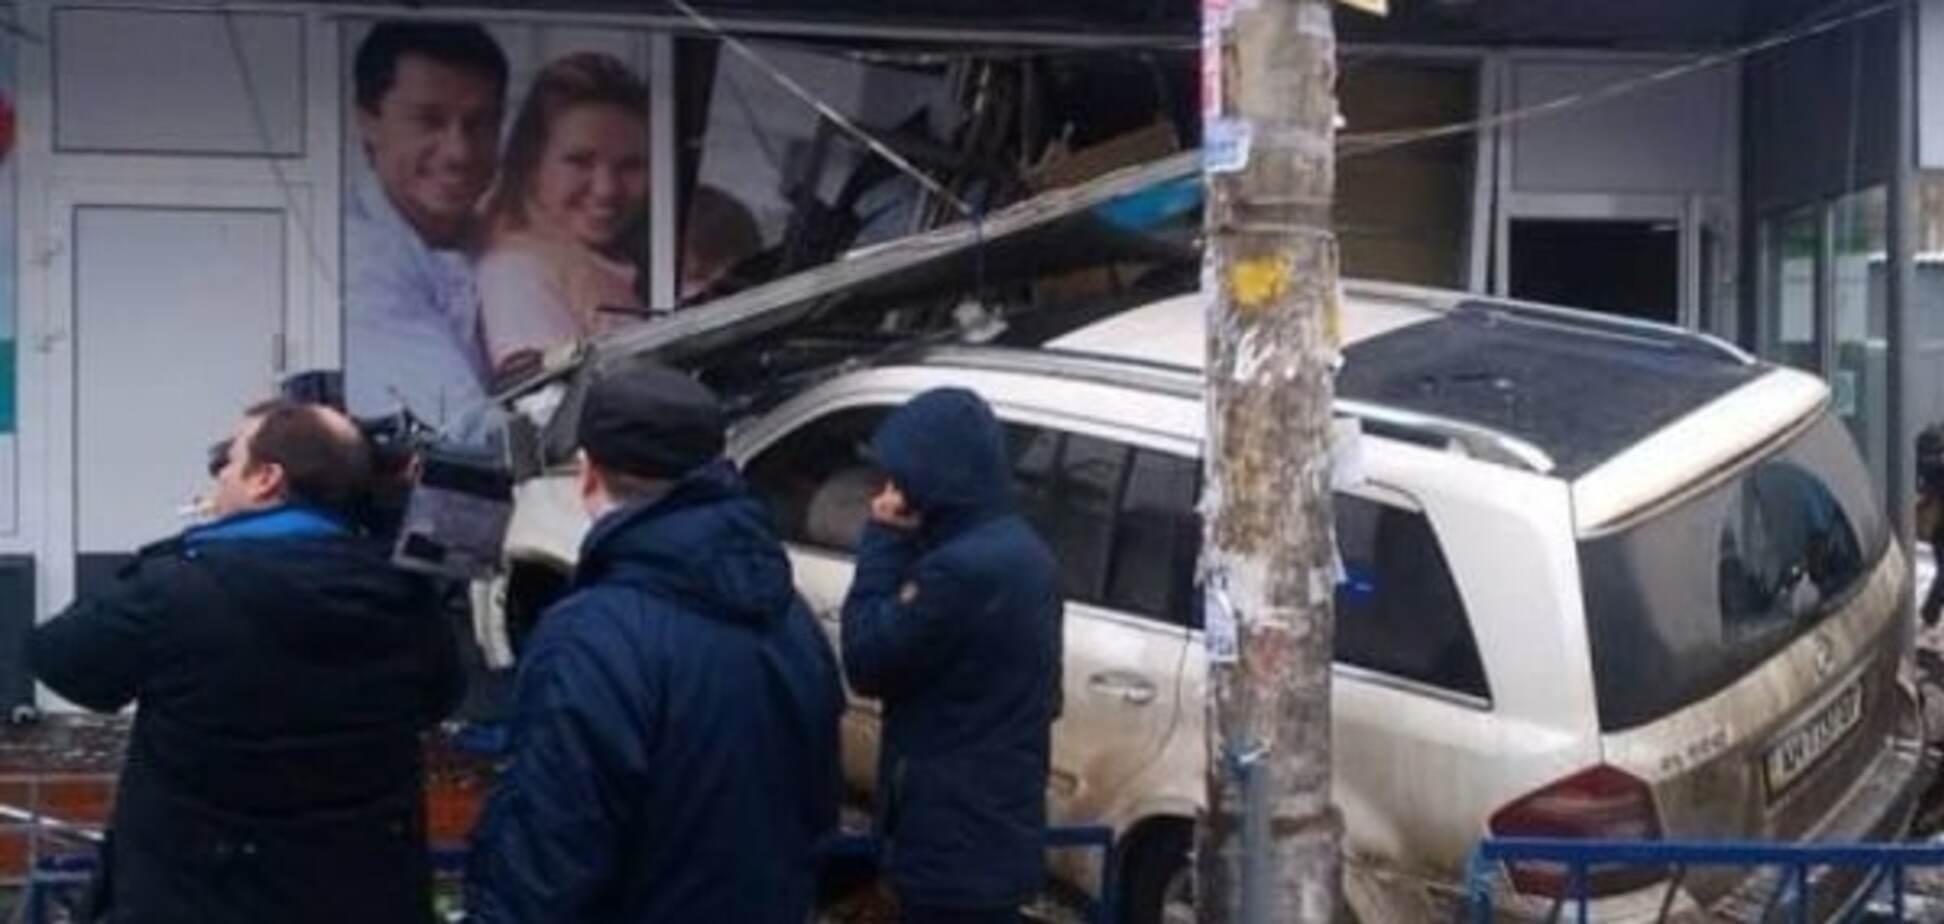 Мажору, що задавив у Києві жінку, пред'явили звинувачення